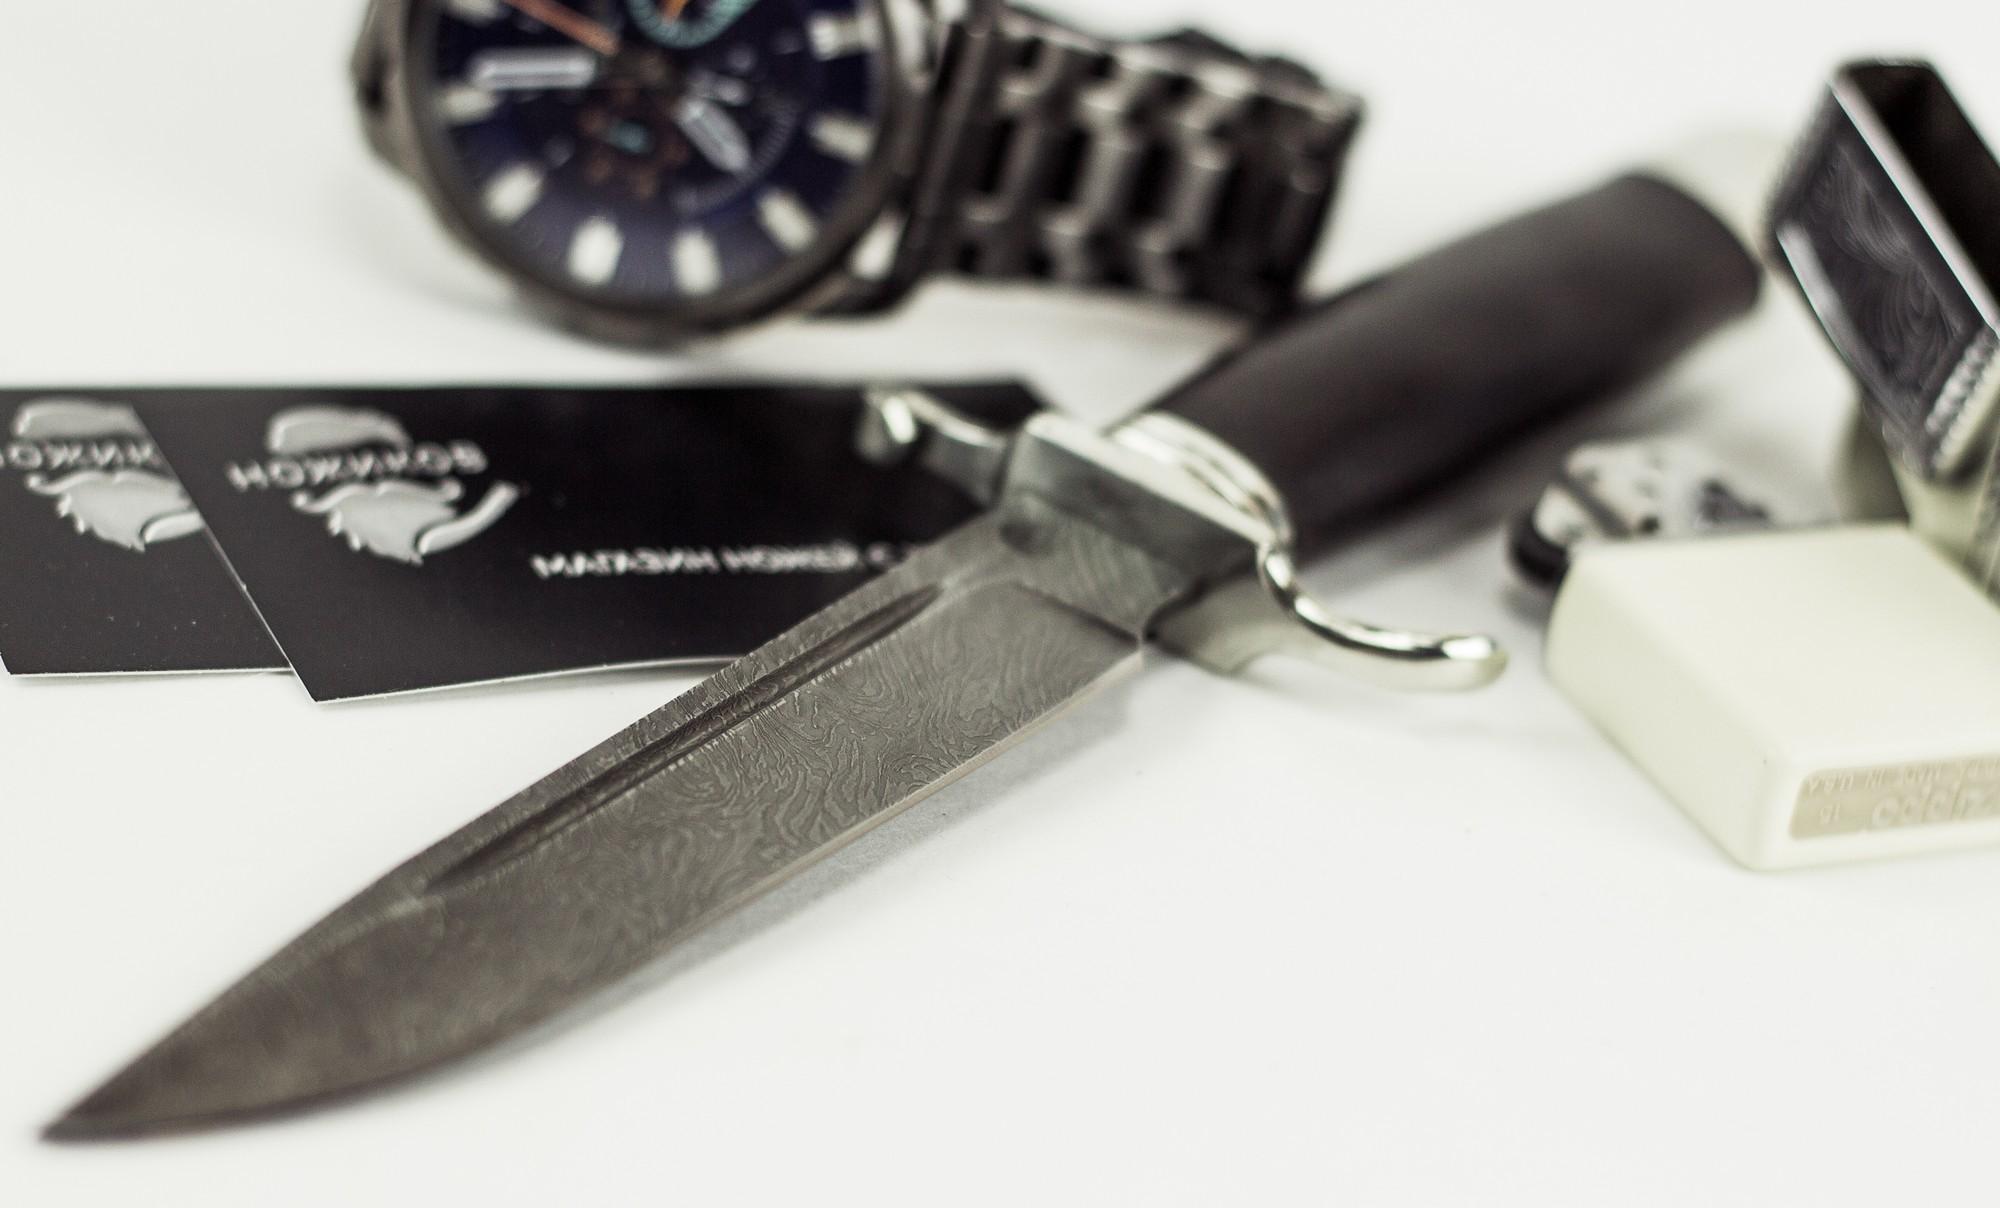 Фото 6 - Нож Финка НКВД, дамасская сталь, мельхиор от АТАКА